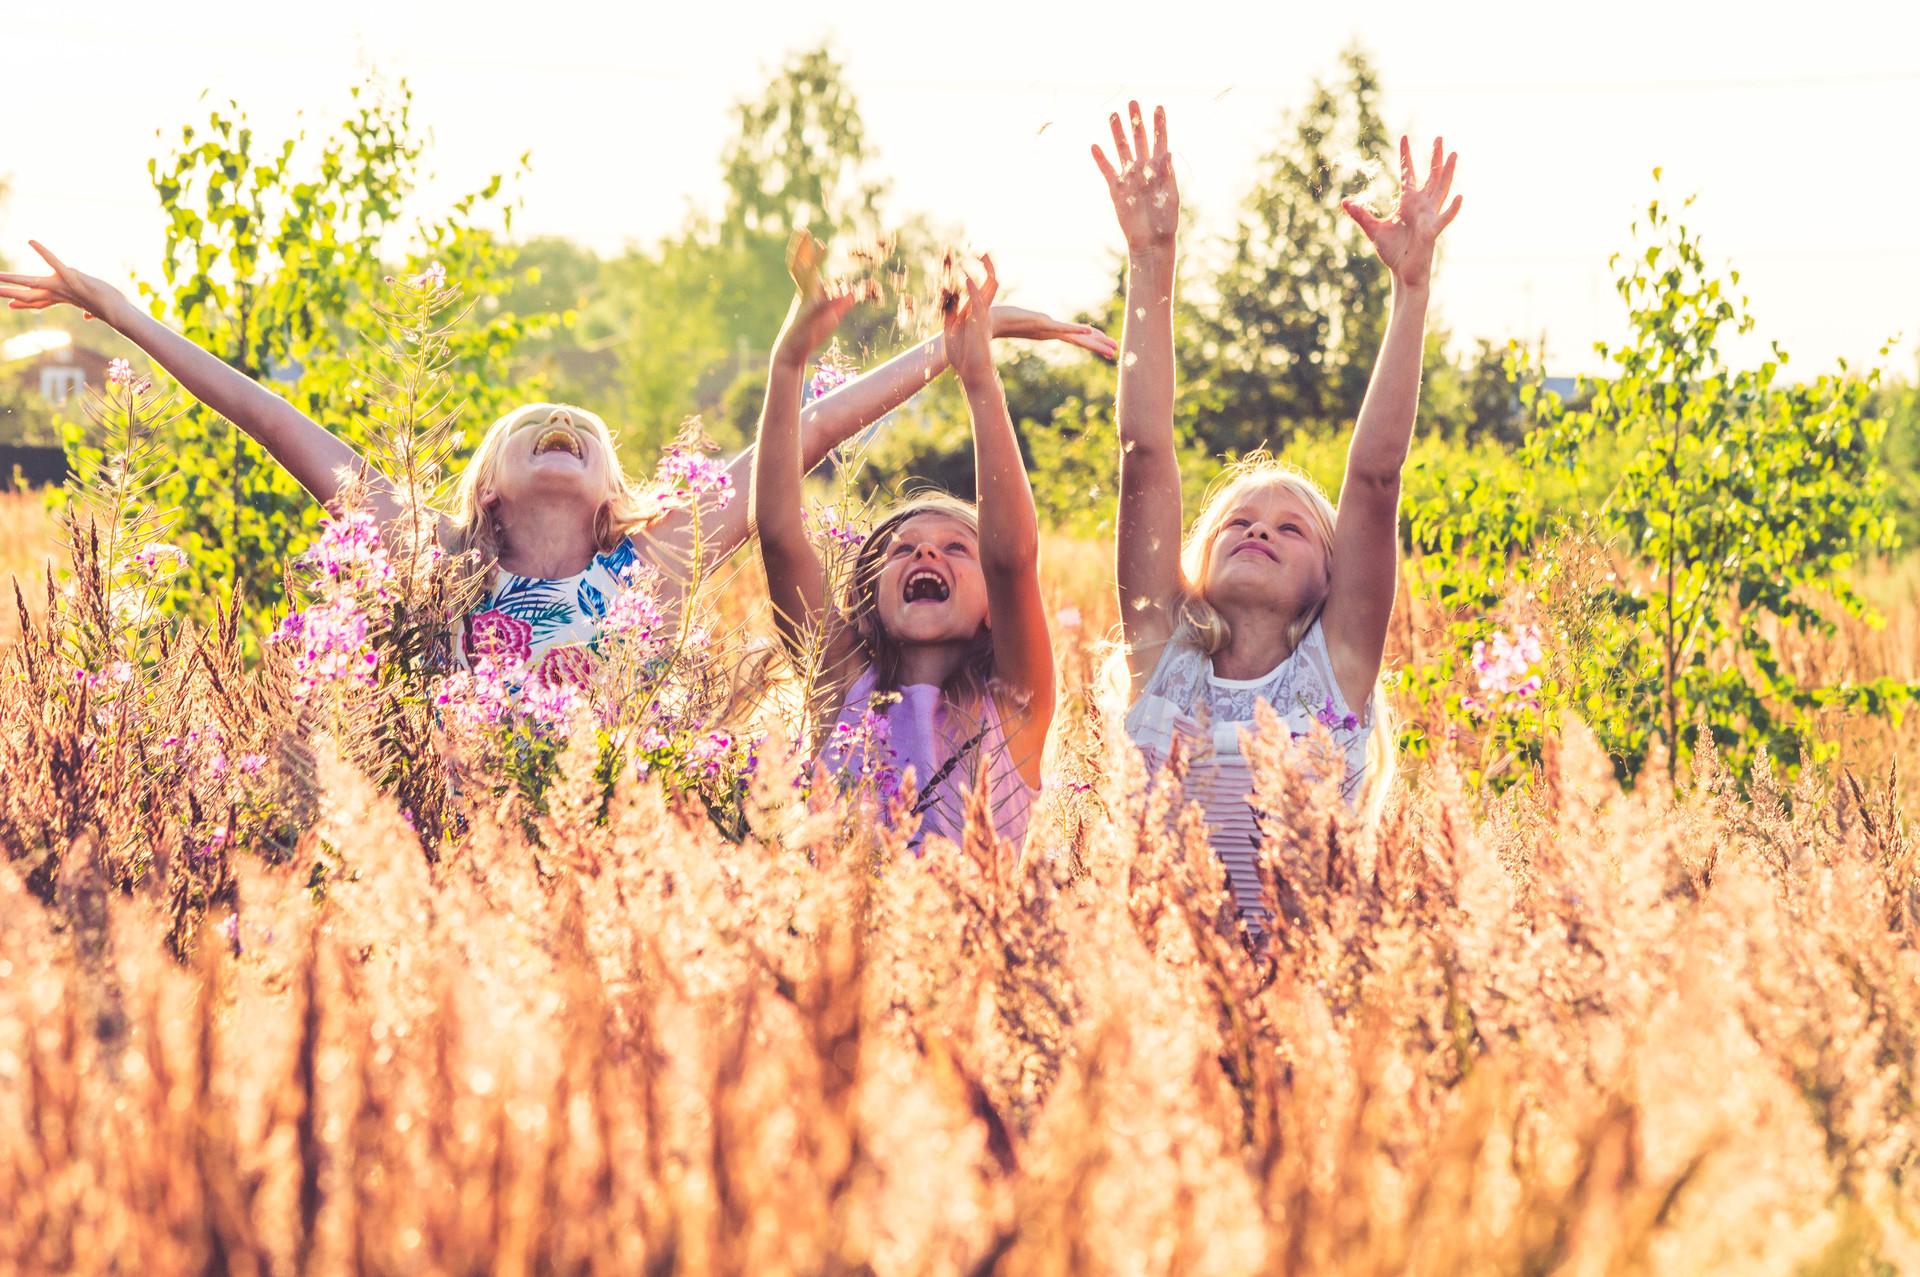 girls have fun | little_klein, joy, child, nature